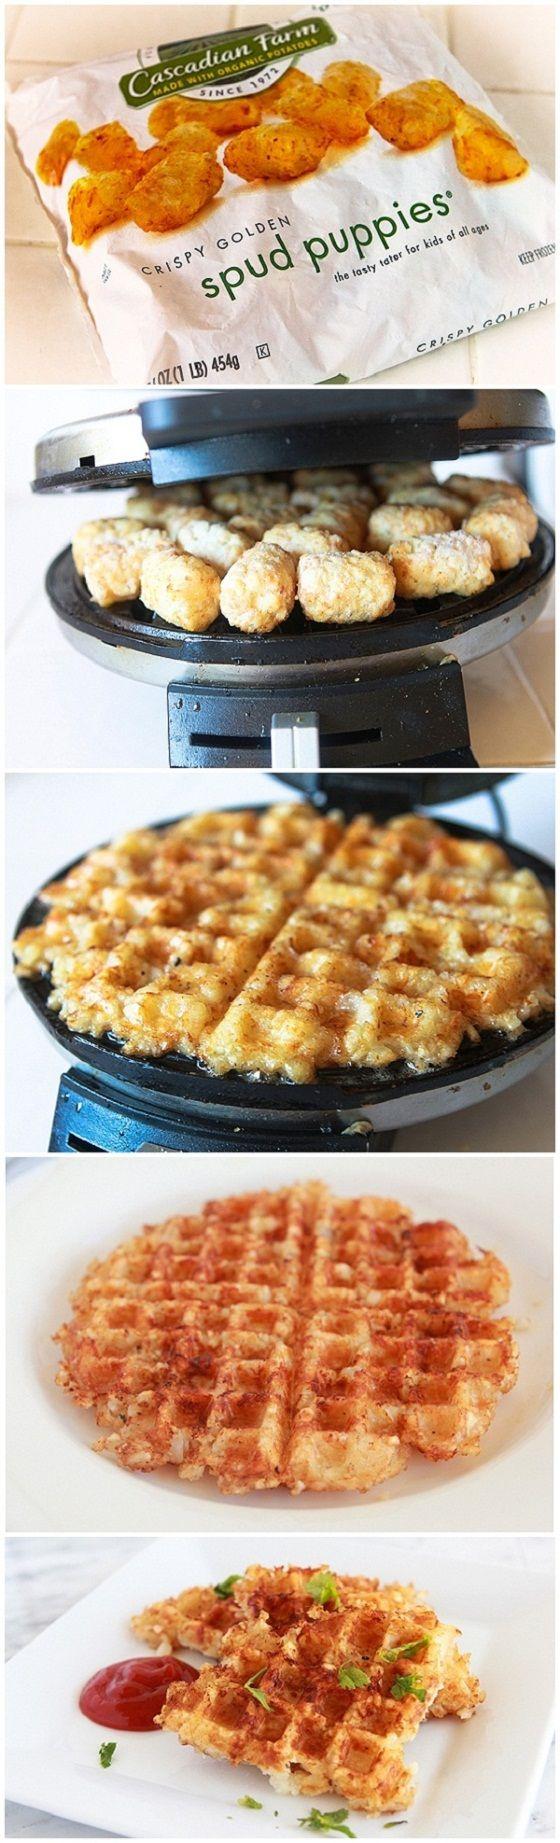 Idée intéressante pour maximiser l'utilisation du gauffrier: mettre des patates rissolées du commerce pour former une galette.